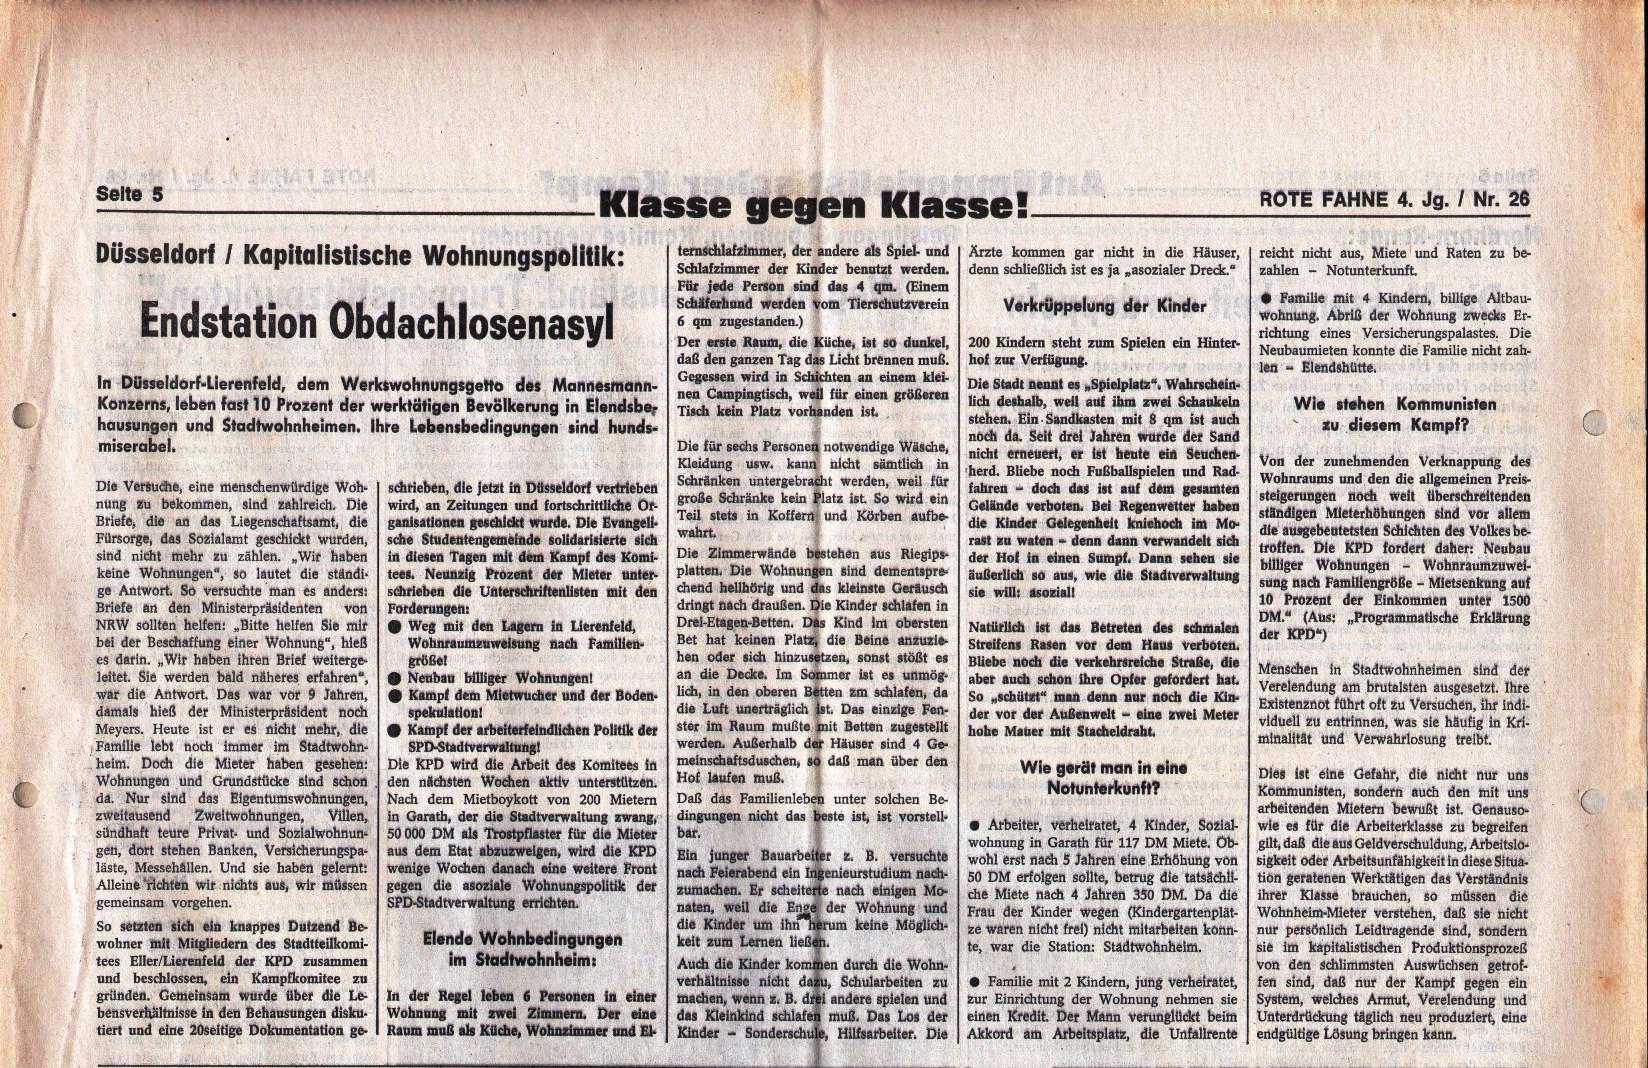 KPD_Rote_Fahne_1973_26_09